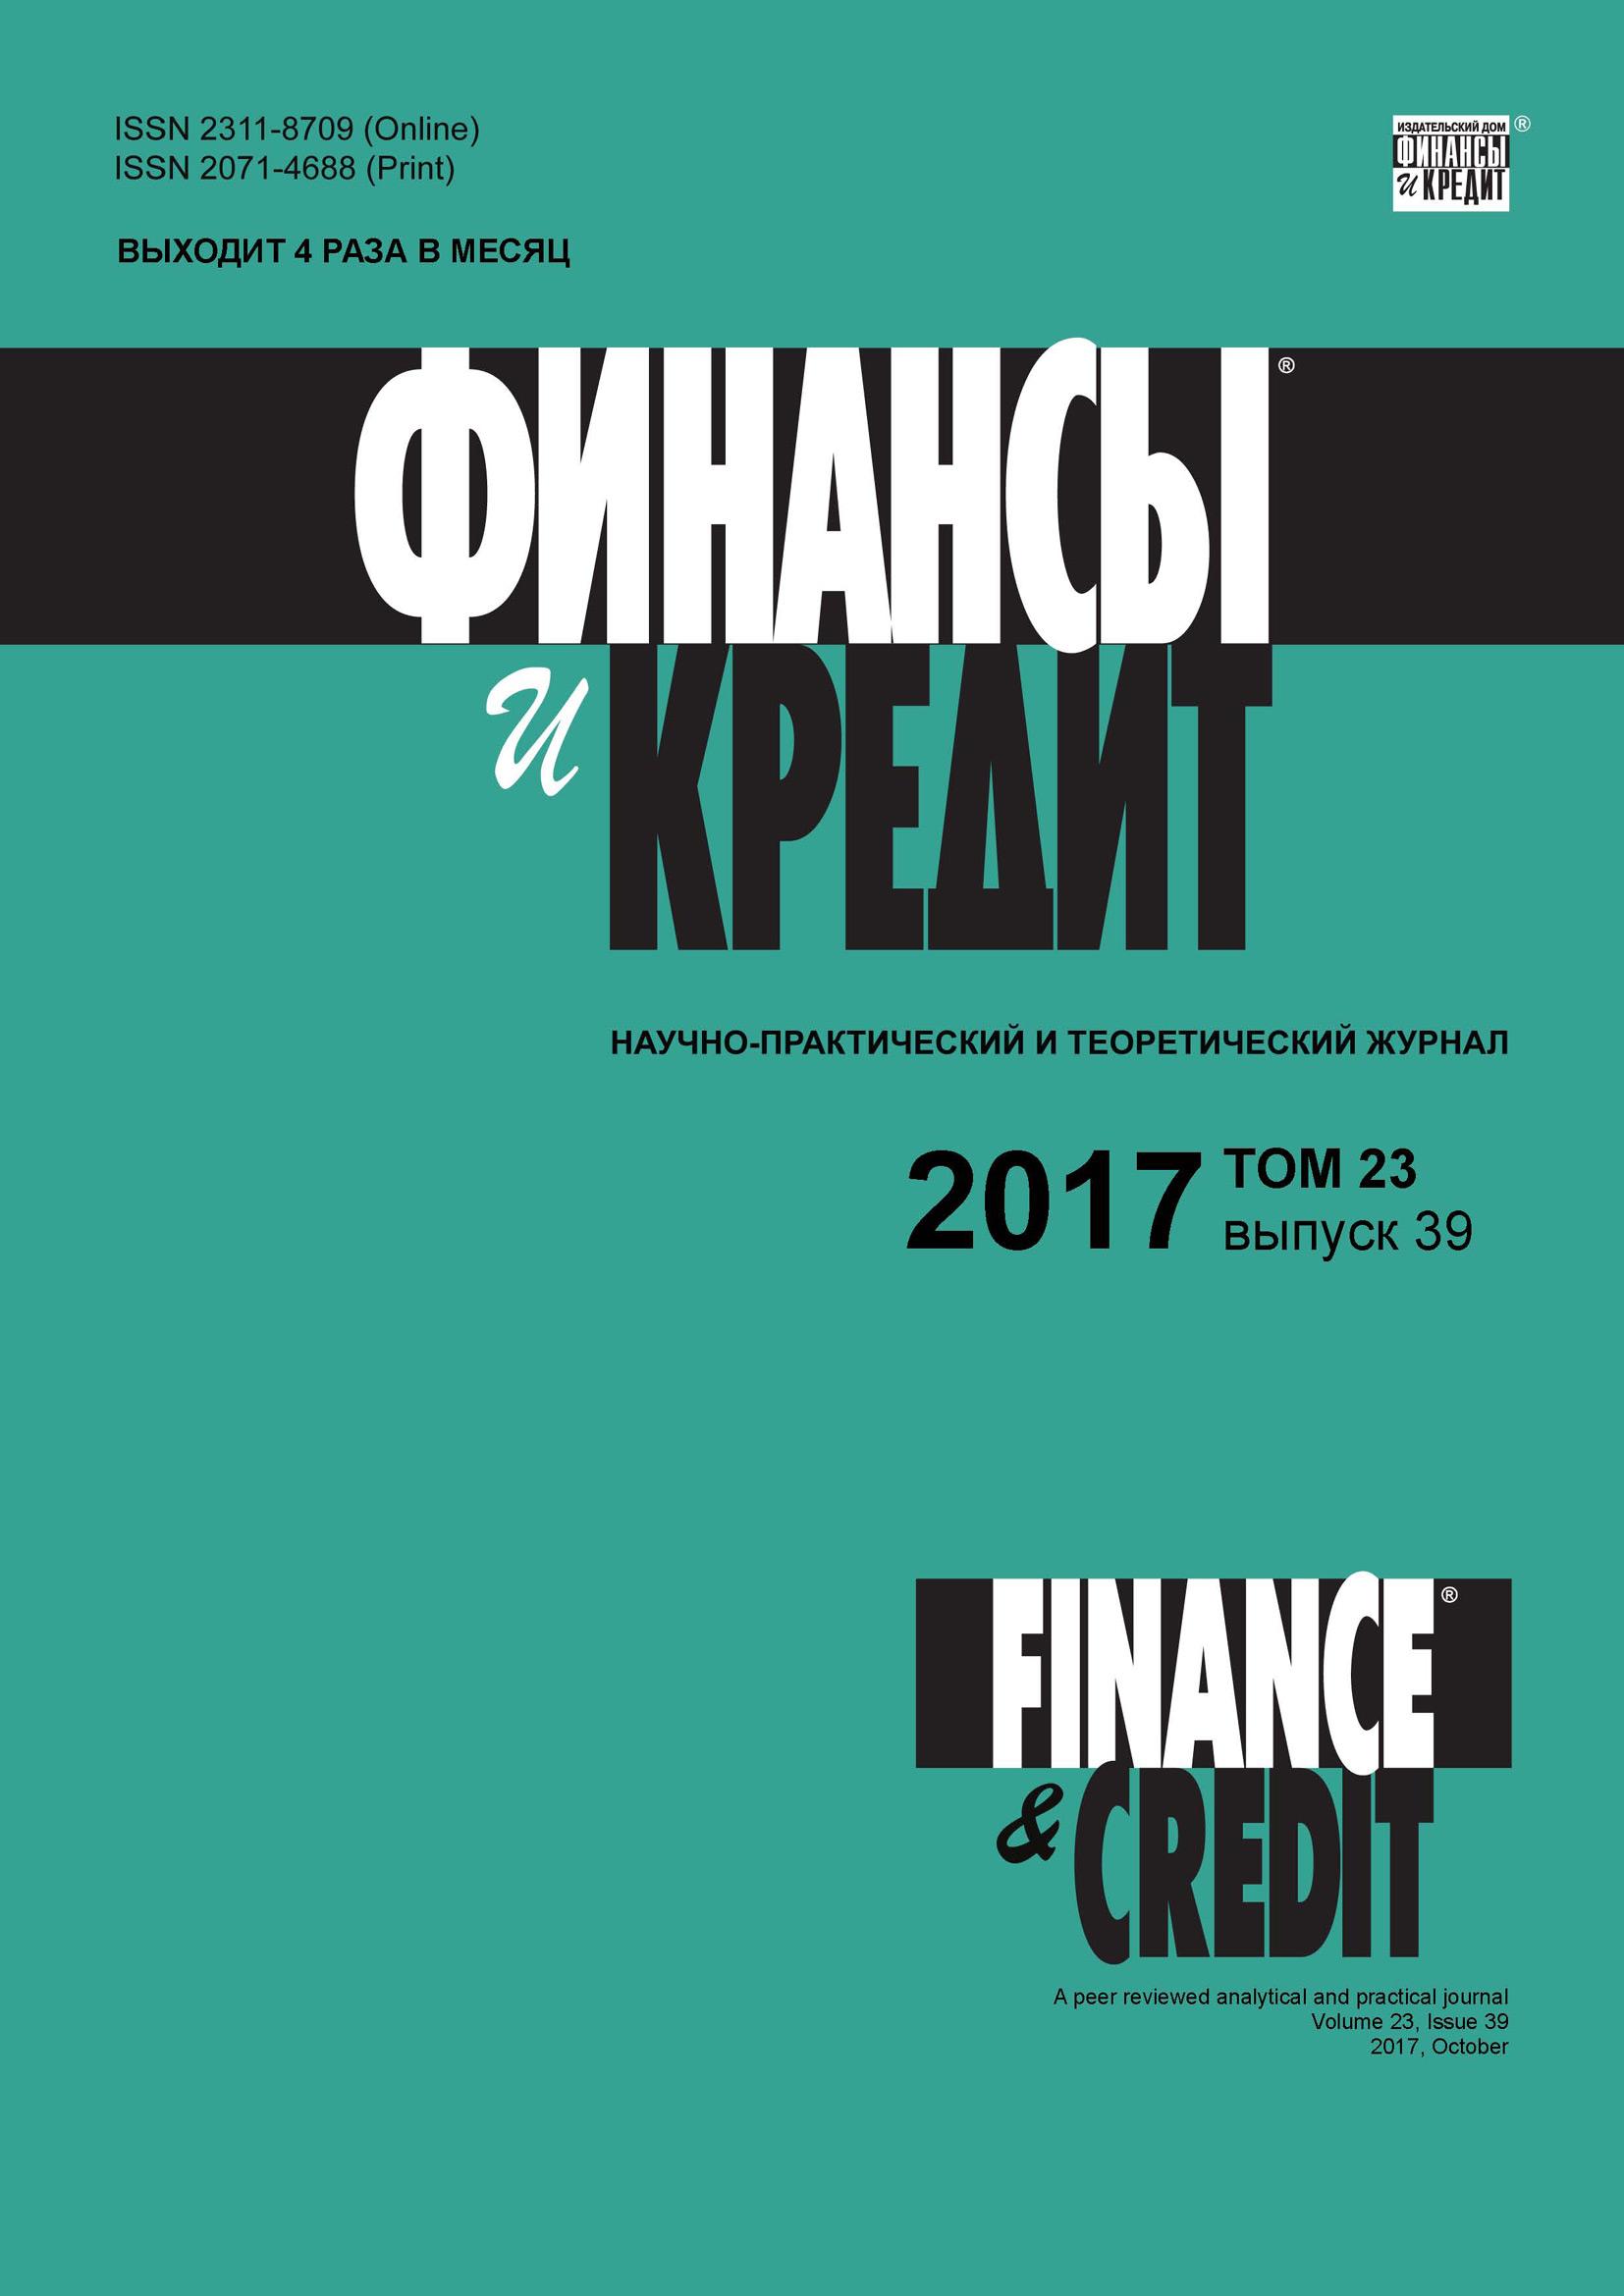 Отсутствует Финансы и Кредит № 39 2017 ашли демиргюч кунт финансовые услуги для всех стратегии и проблемы расширения доступа